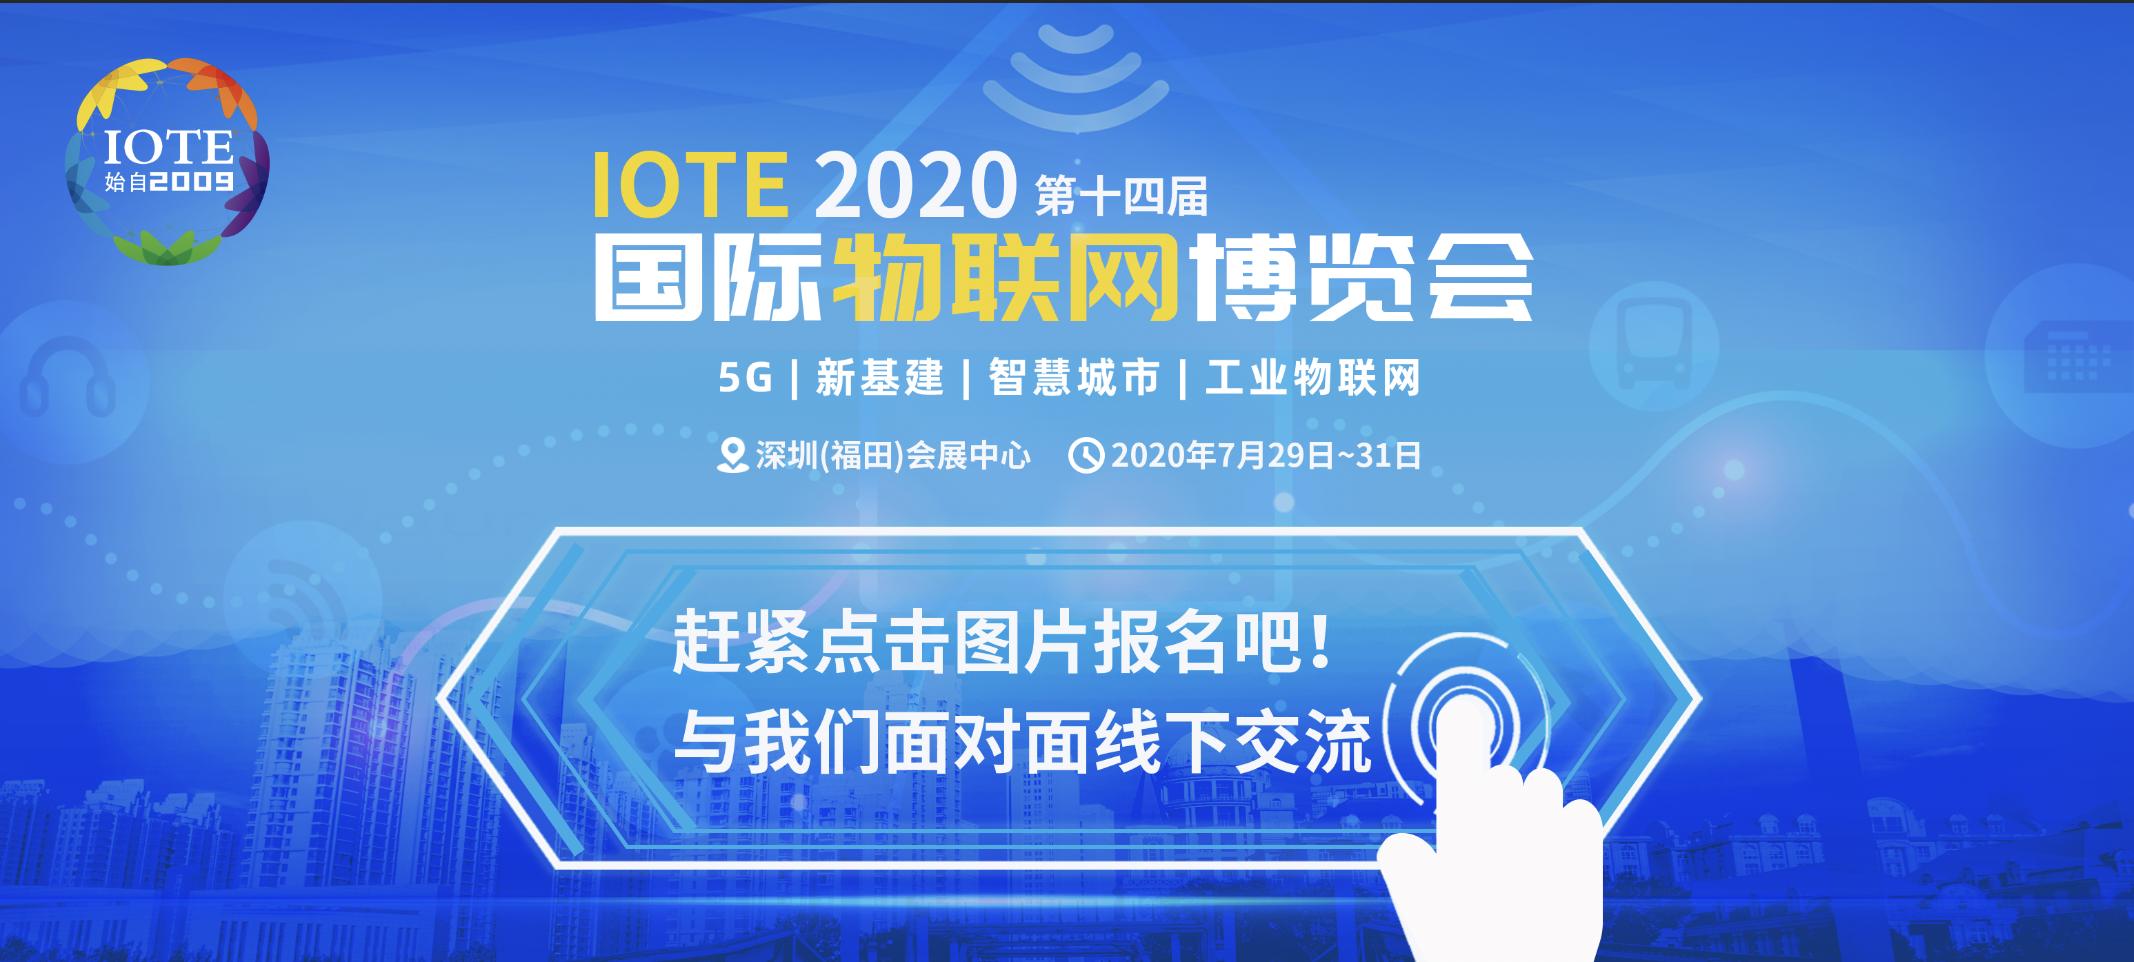 泰芯半导体将携多款新品精彩亮相IOTE 2020深圳国际物联网展